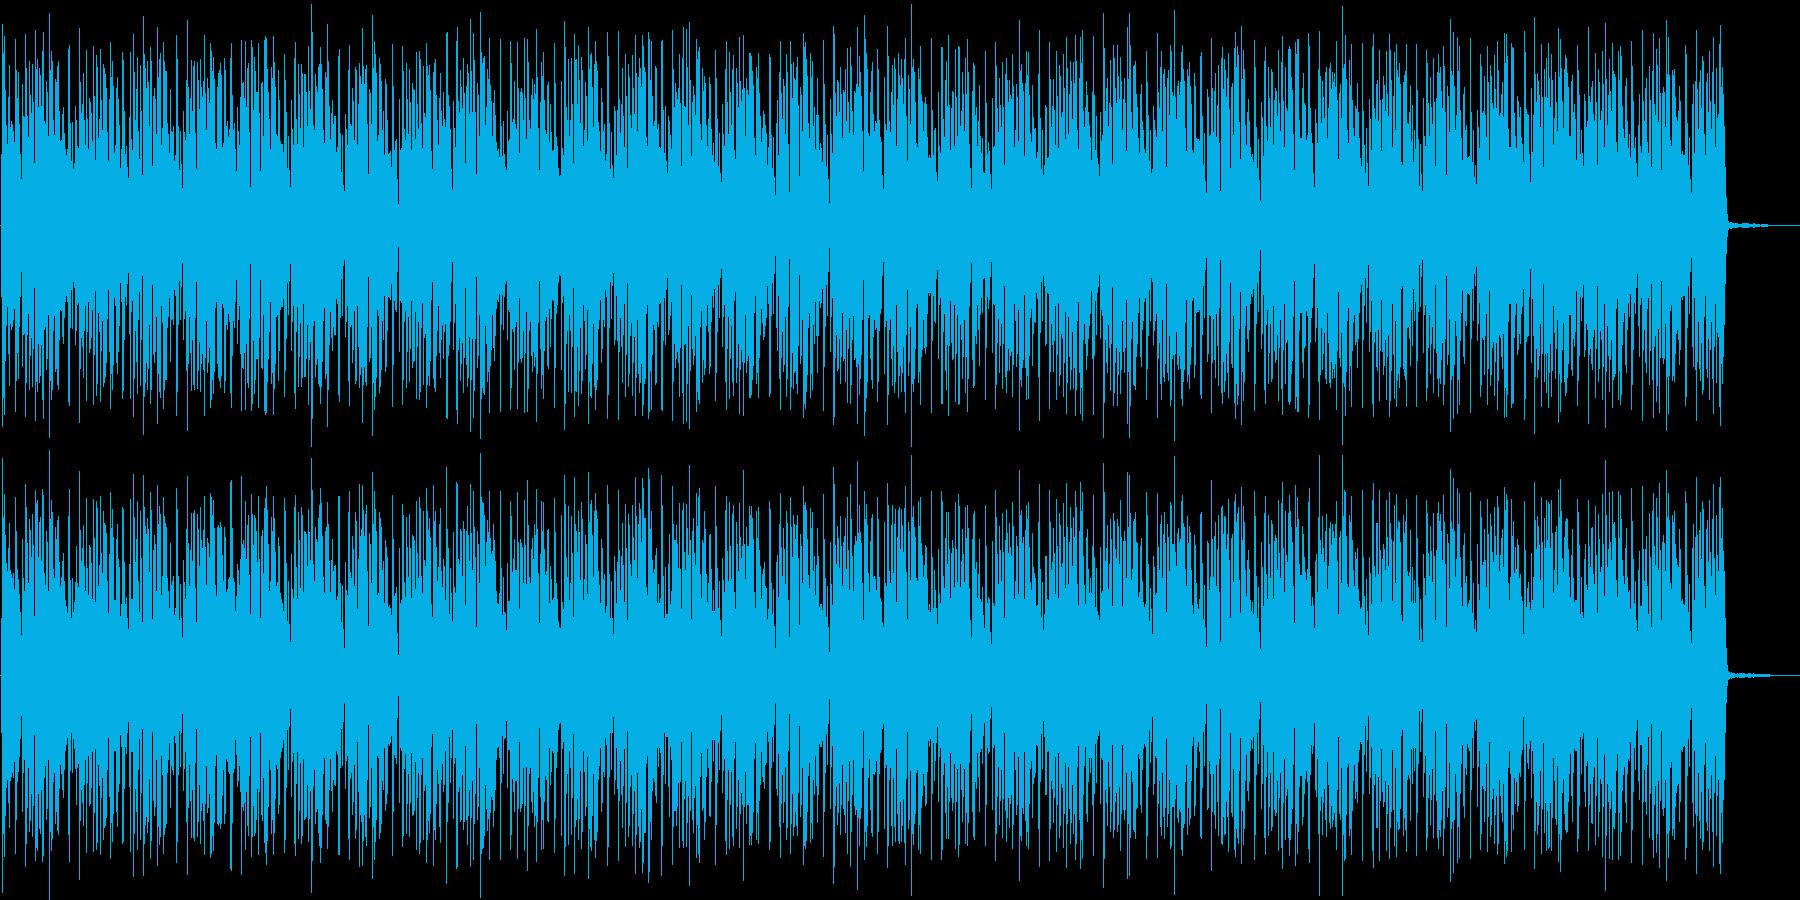 ドラムベース・シンプルなバトル系ループの再生済みの波形